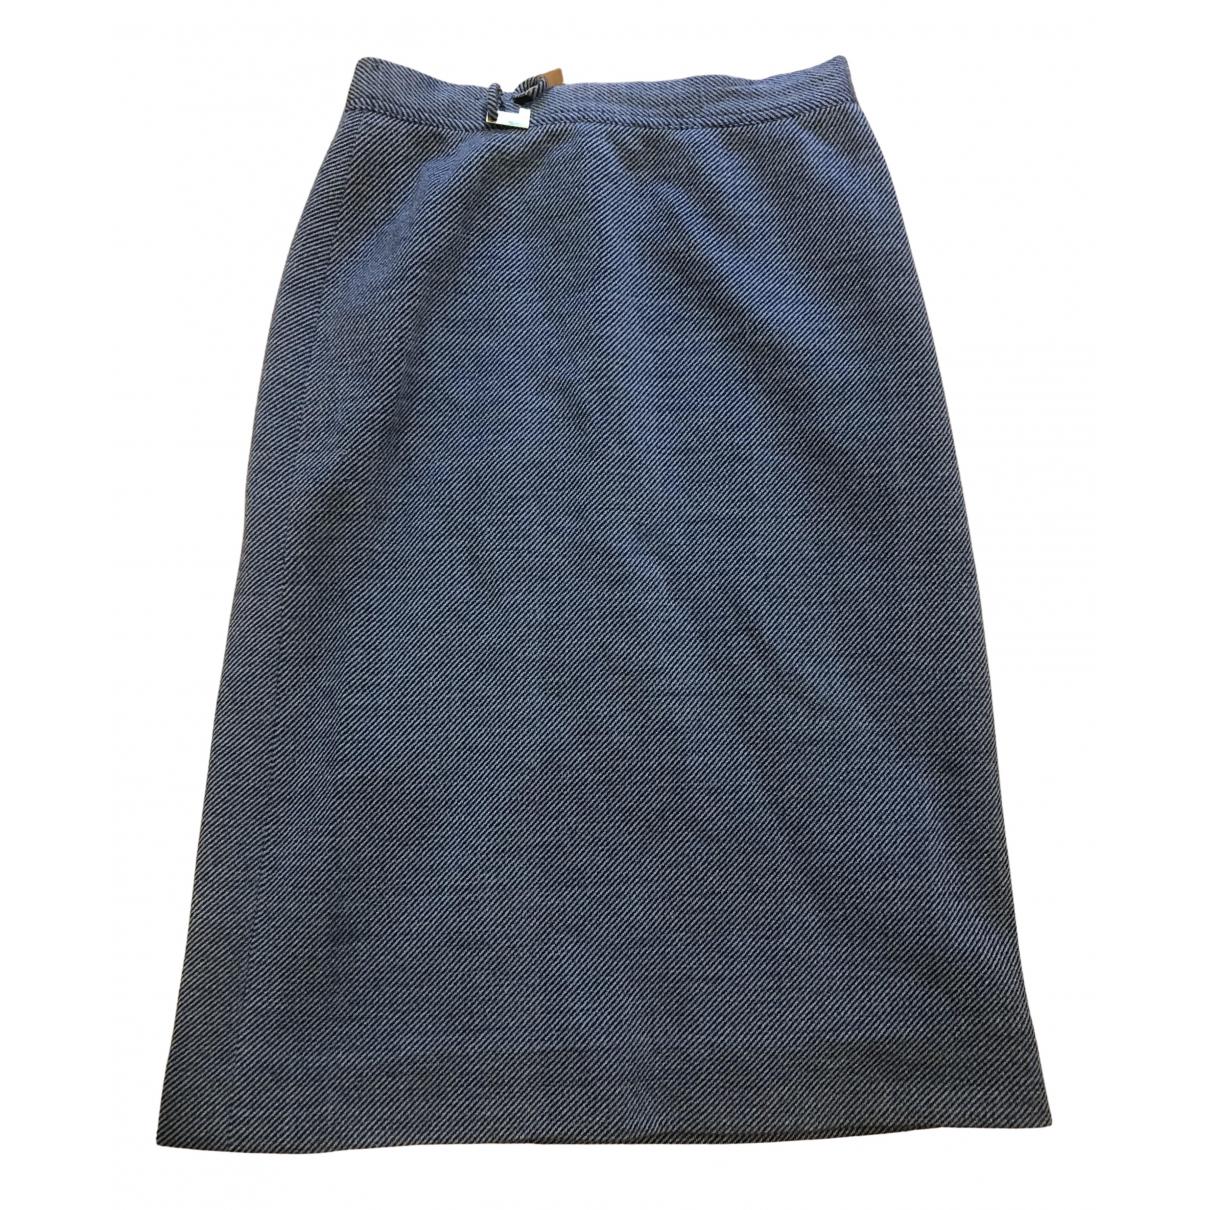 Lanvin \N Kleid in  Blau Wolle